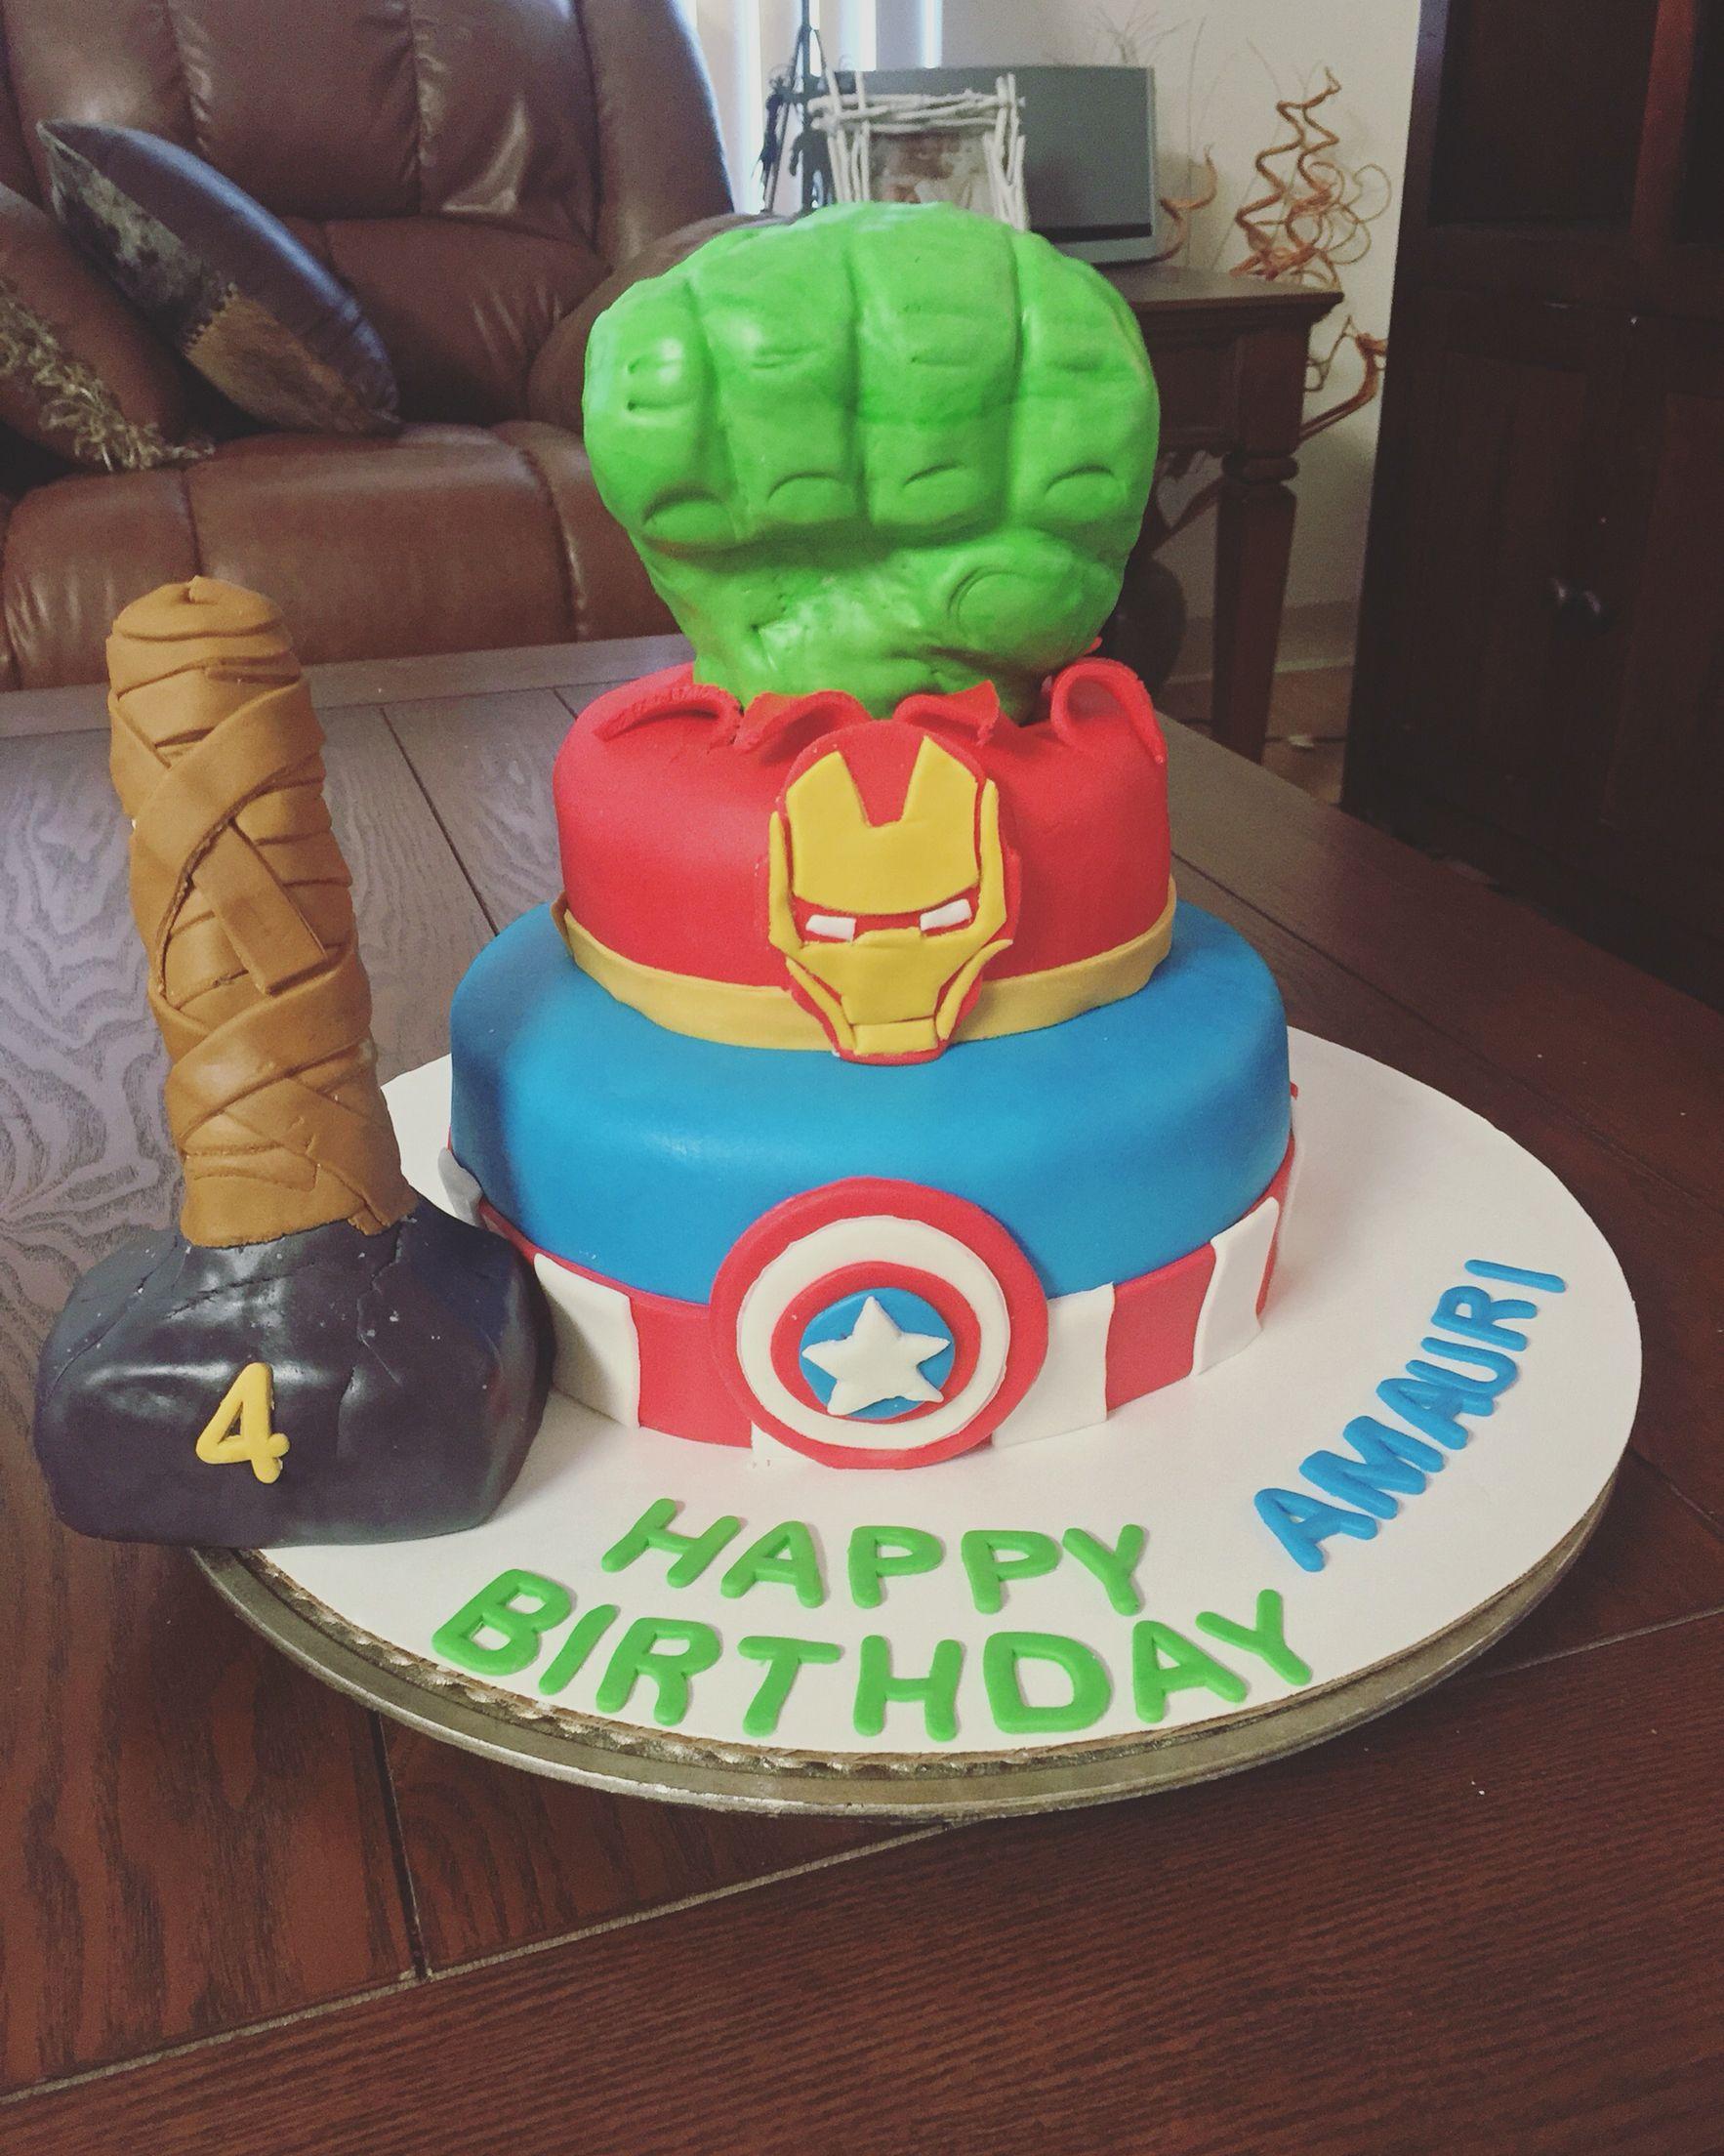 Oahu Baker Sweetbellascakesanddecor Avengerstheme Birthdaycake